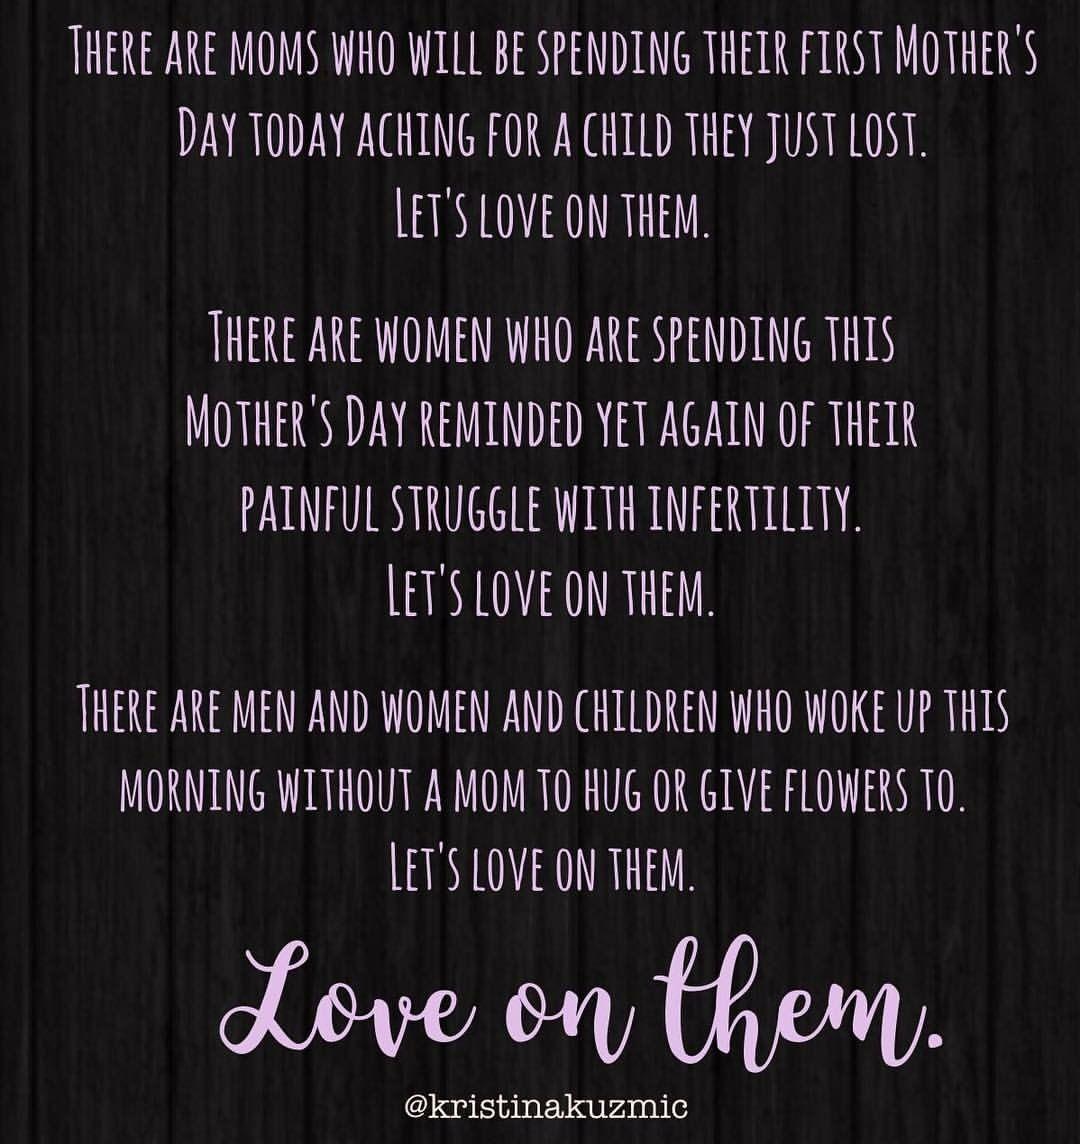 Wisdom | First mothers day, Infertility, Wisdom